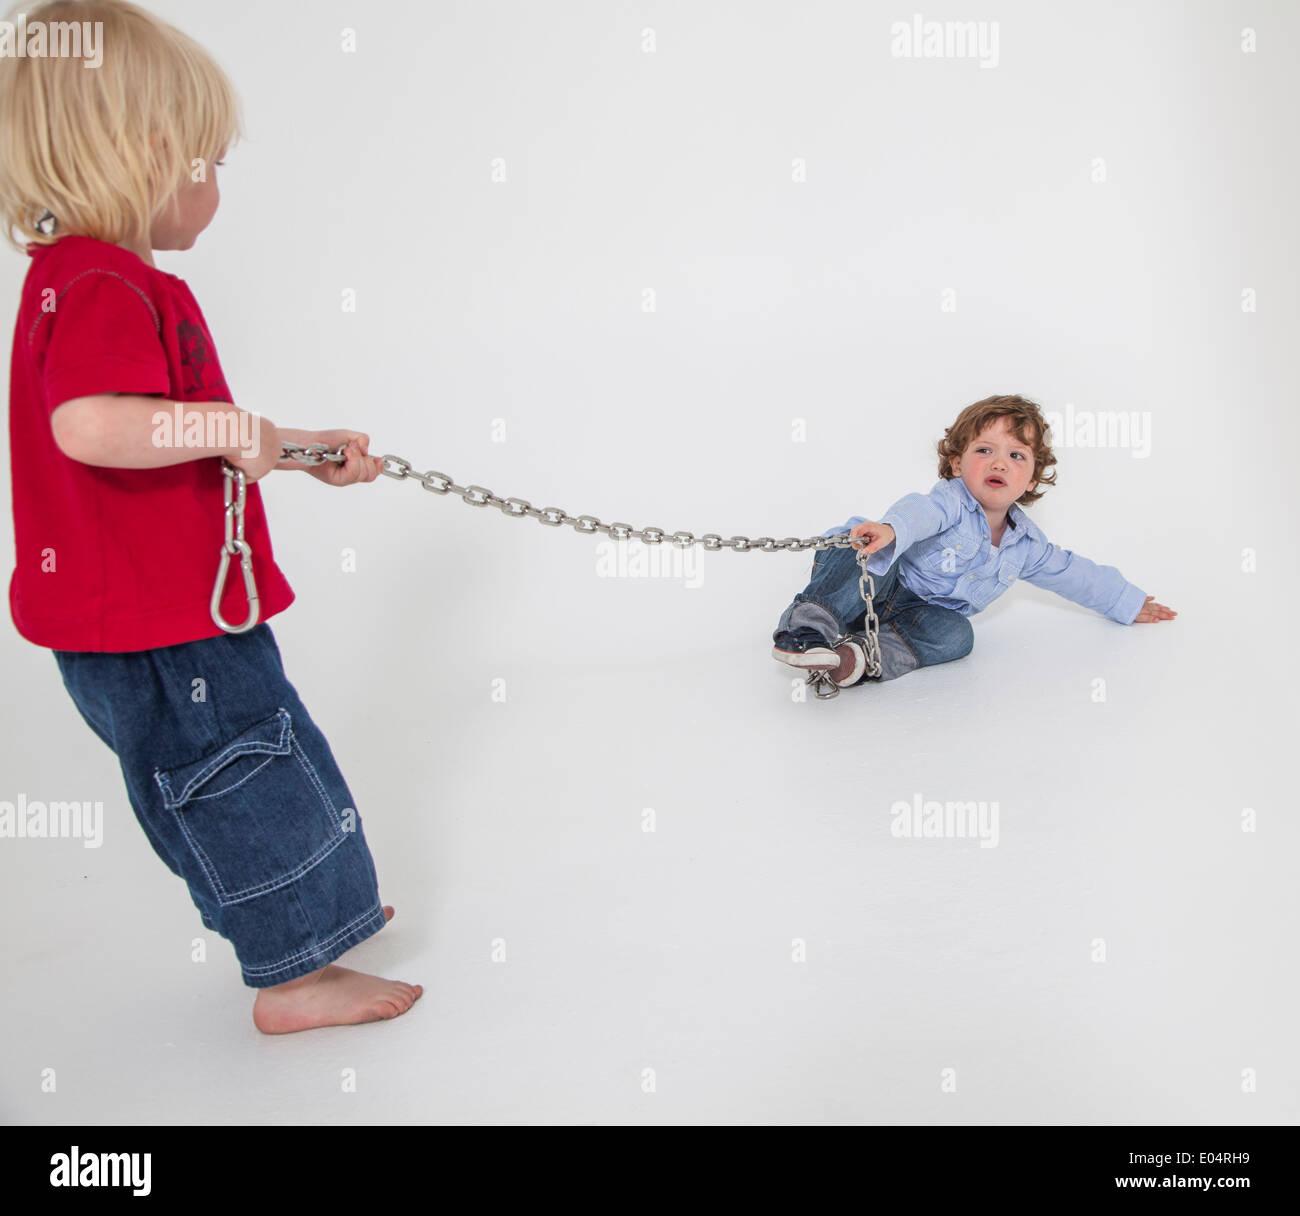 boys playing with chains, tug of war, studio shot - Stock Image